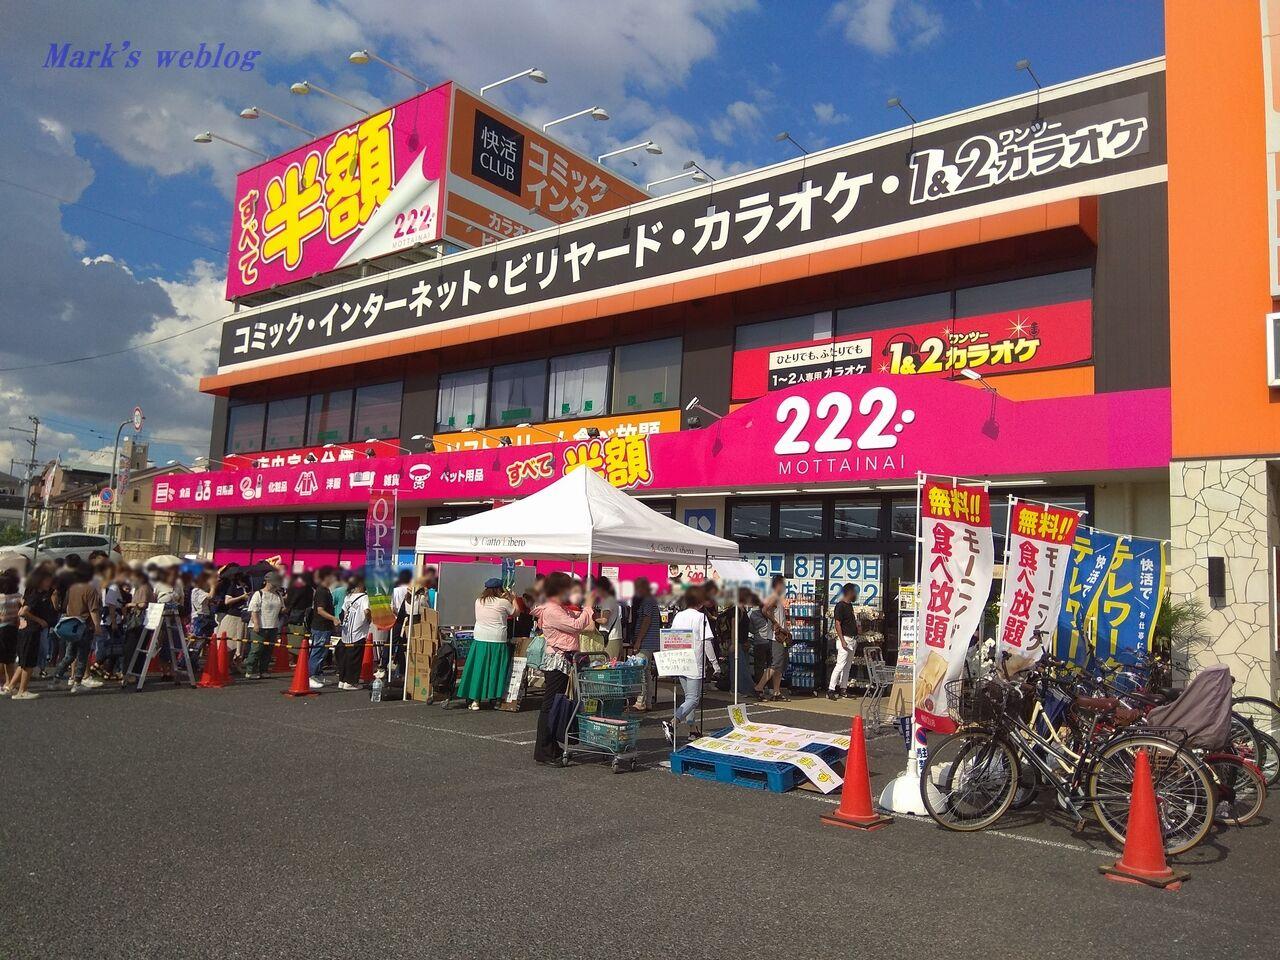 平野 店 222 ことぶき平野店